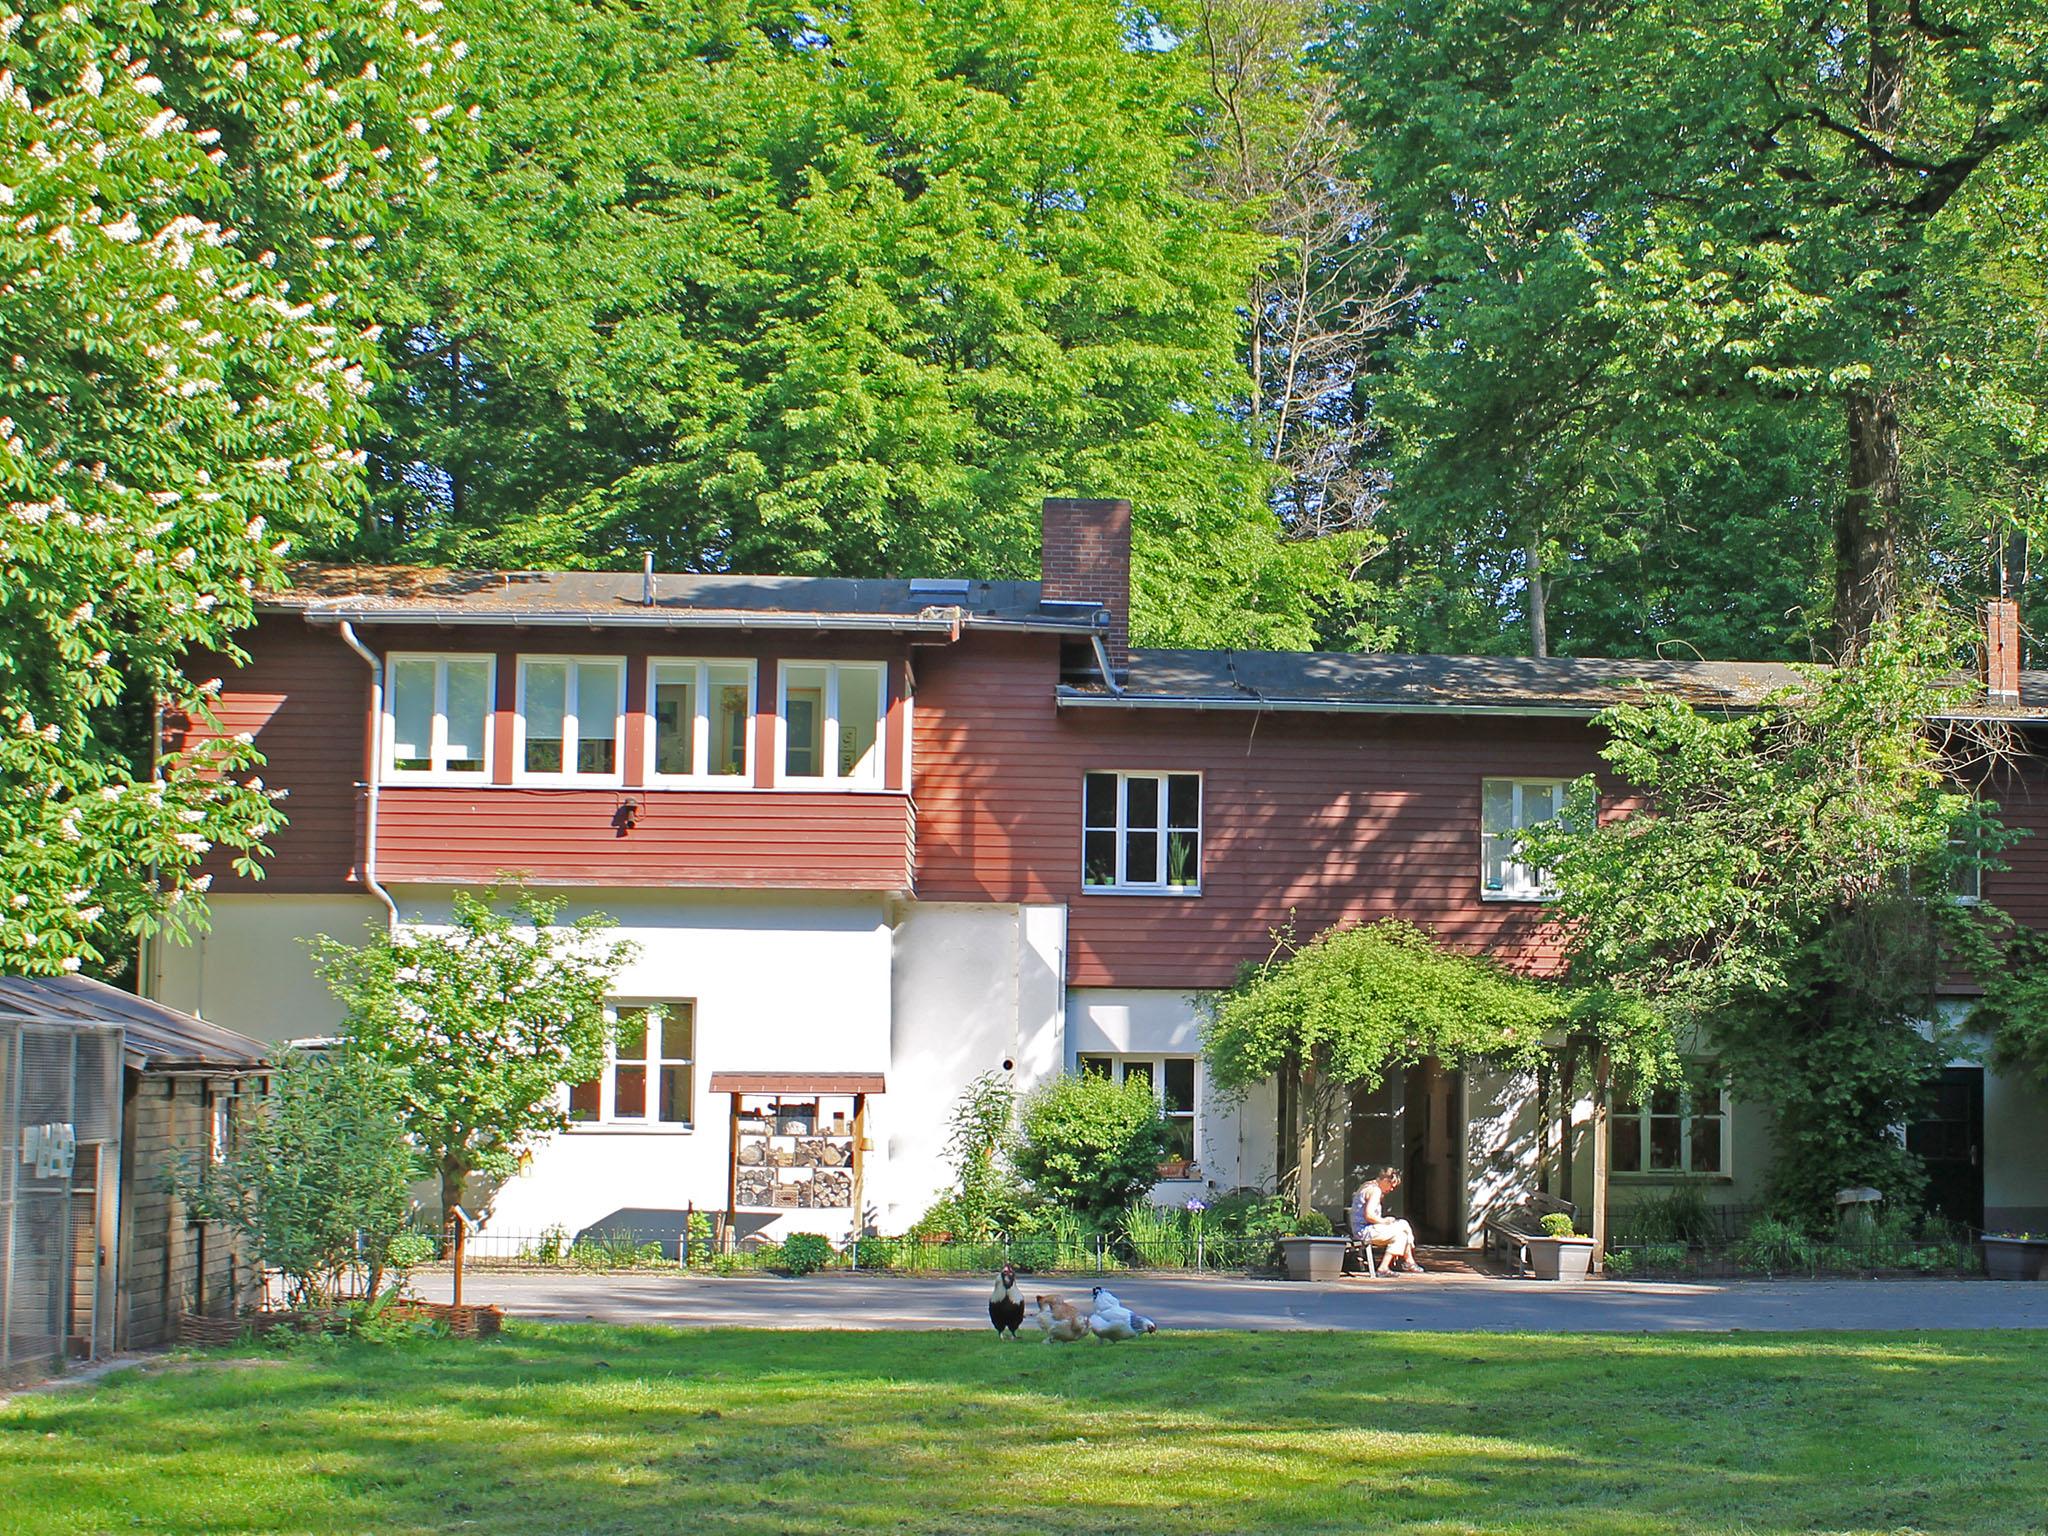 Vor einem zweistöckigen Gebäude umrandet von alten Bäumen sitzt eine Frau vor der geöffneten Tür. Auf dem Rasen davor picken drei Hühner, links im Bild steht ein Insektenhotel.